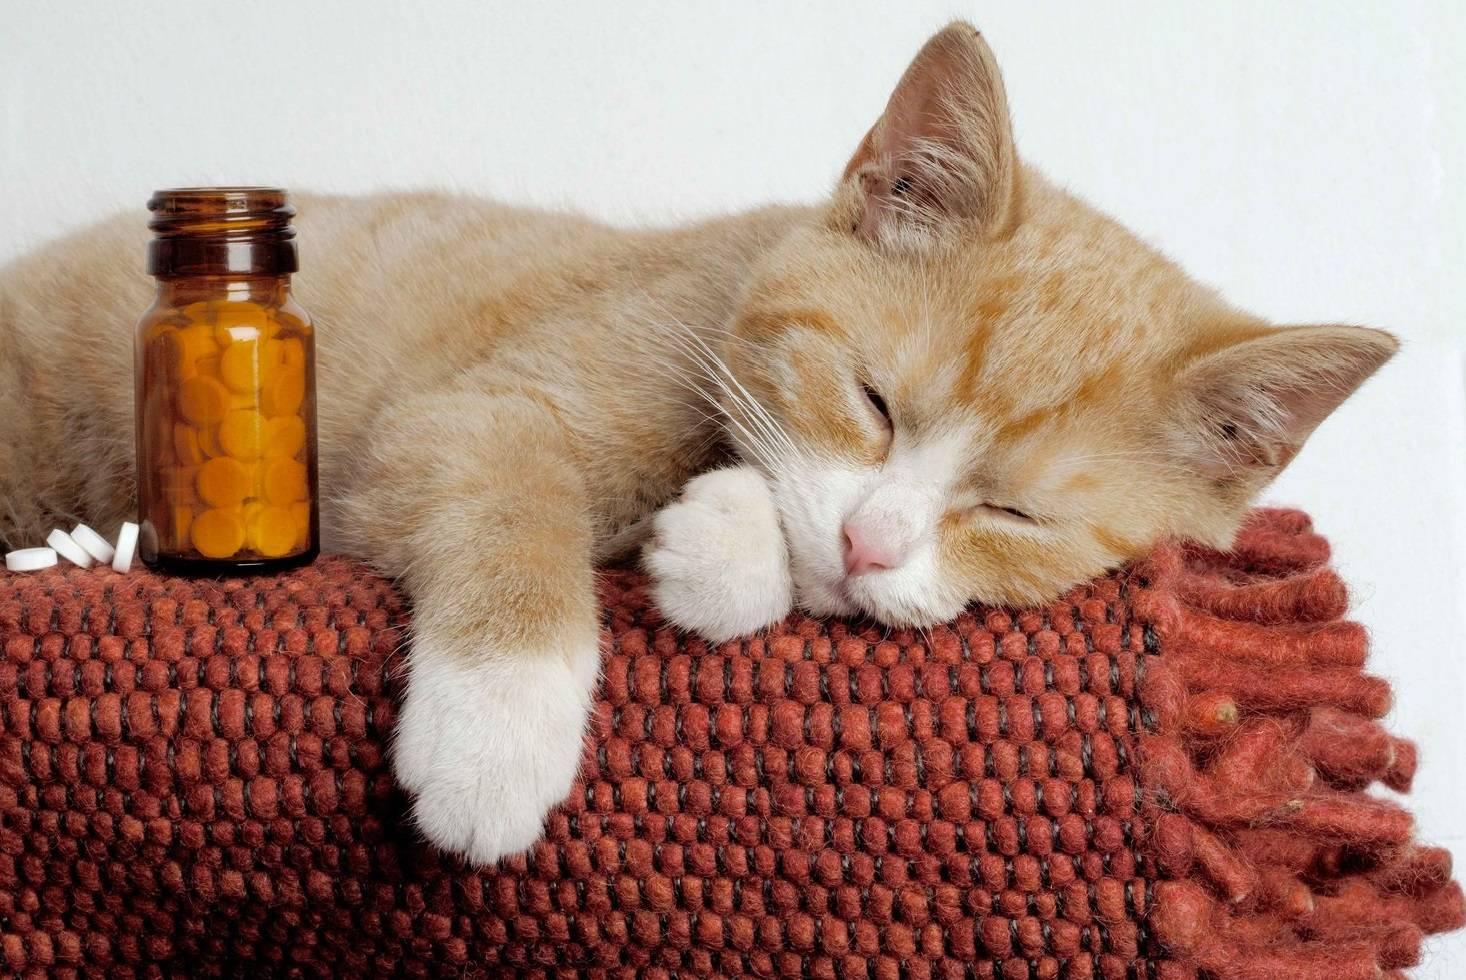 котик приболел картинки миниатюрная брюнетка